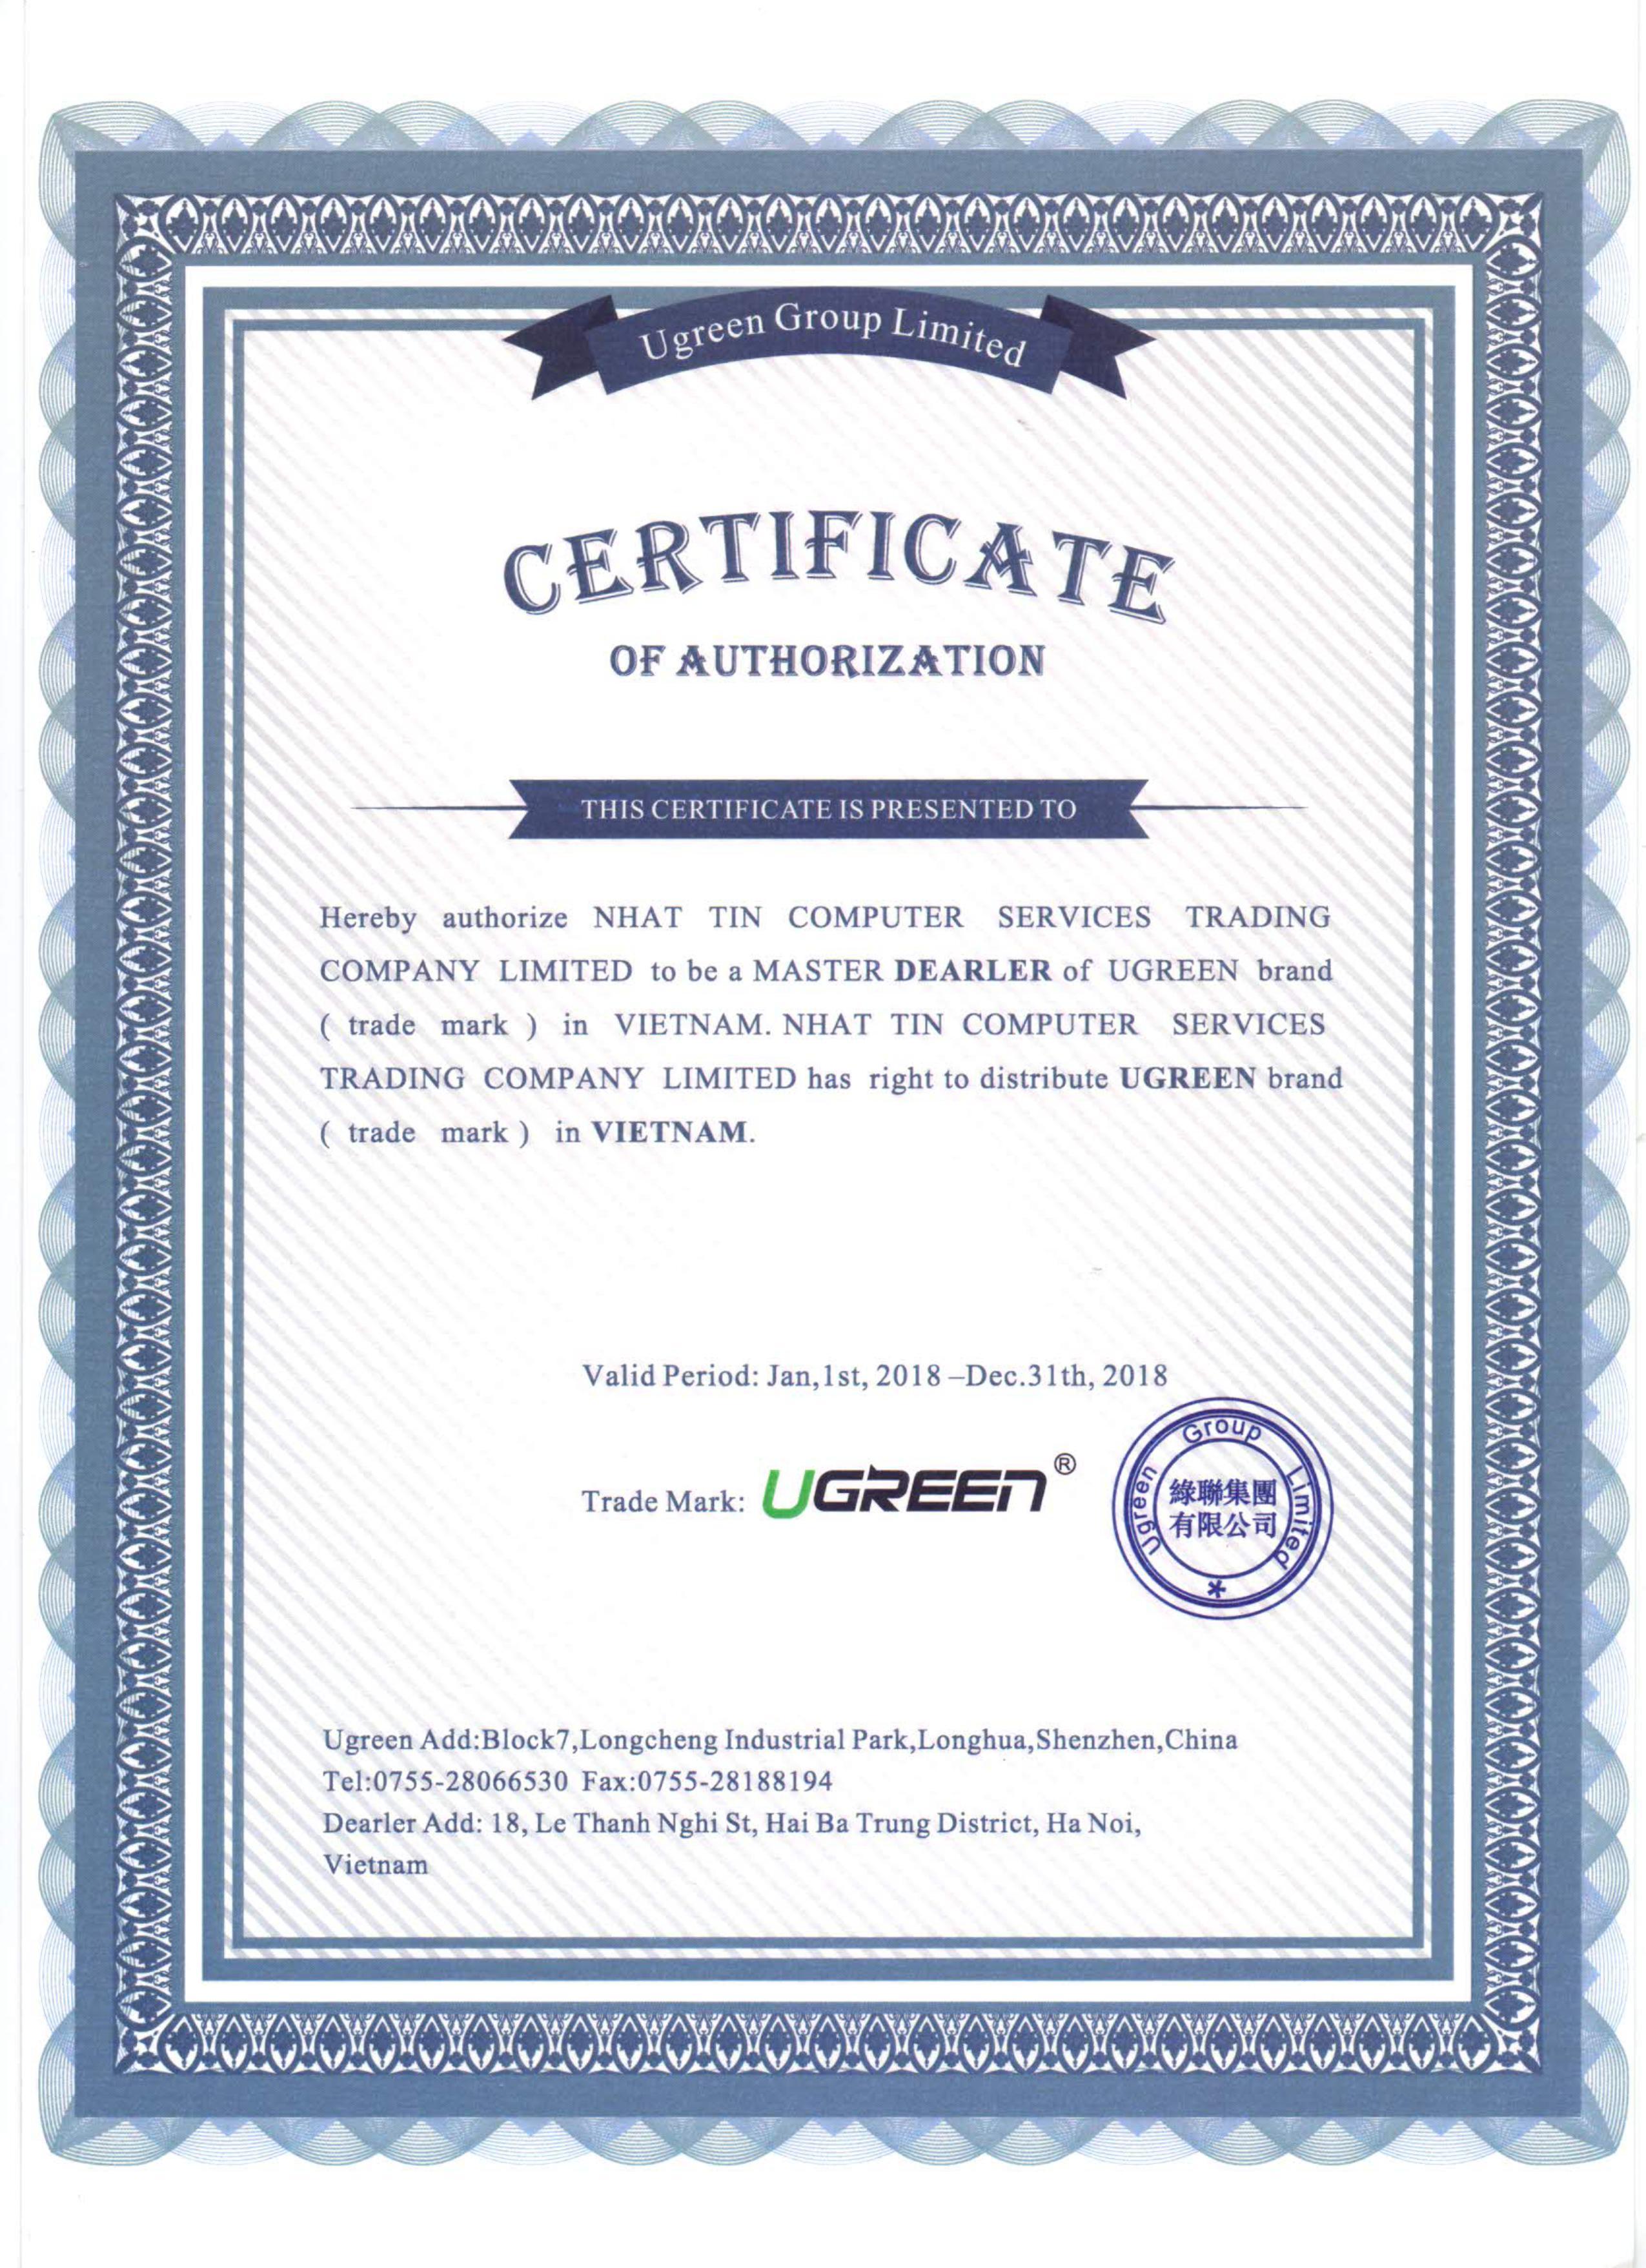 Chứng nhận đại lý phân phối Ugreen chính hãng tại Việt Nam